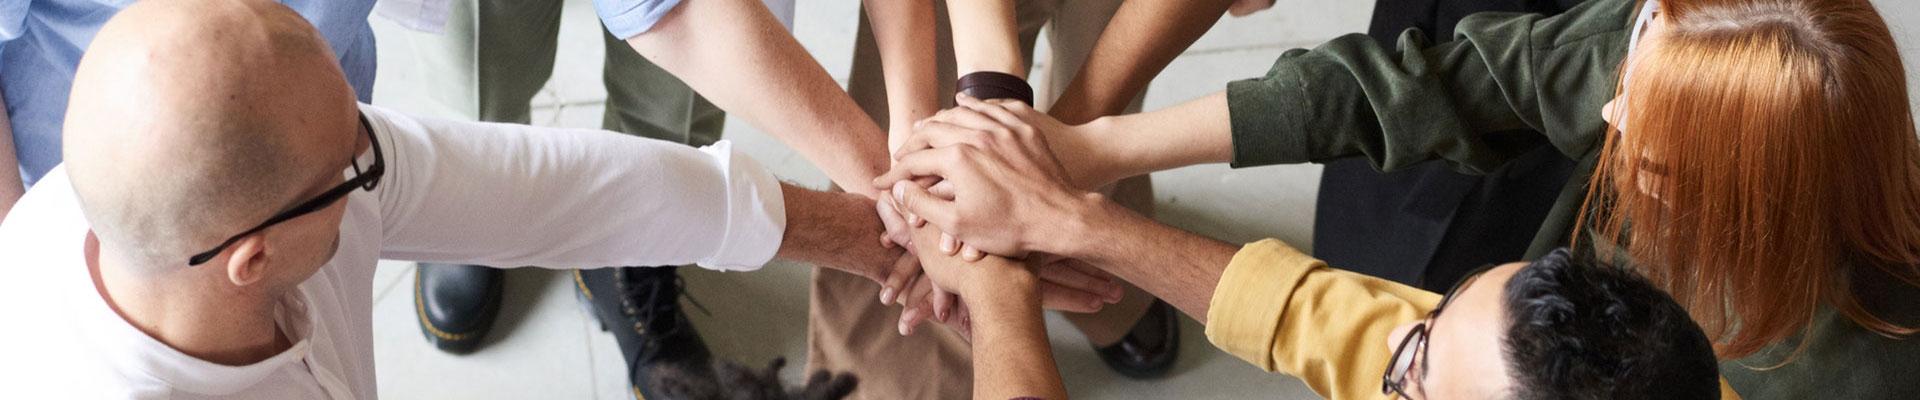 was-ist-team-software-blog-innolytics